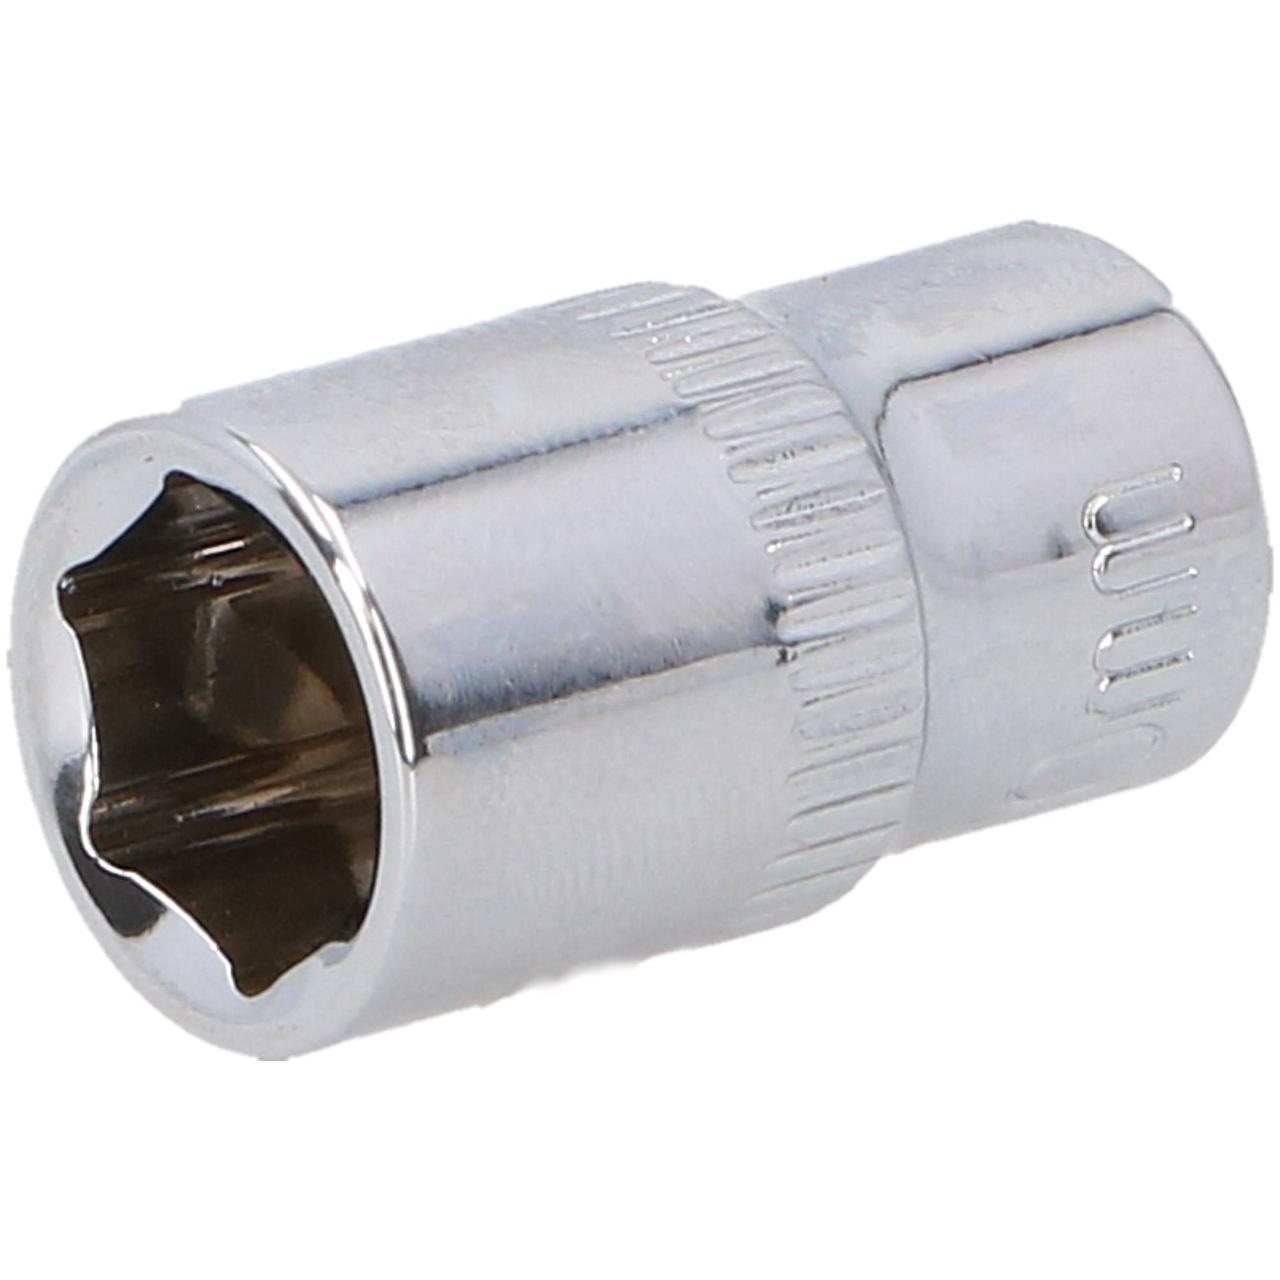 """Головка торцева 1/4"""" 12 мм FASTER TOOLS"""